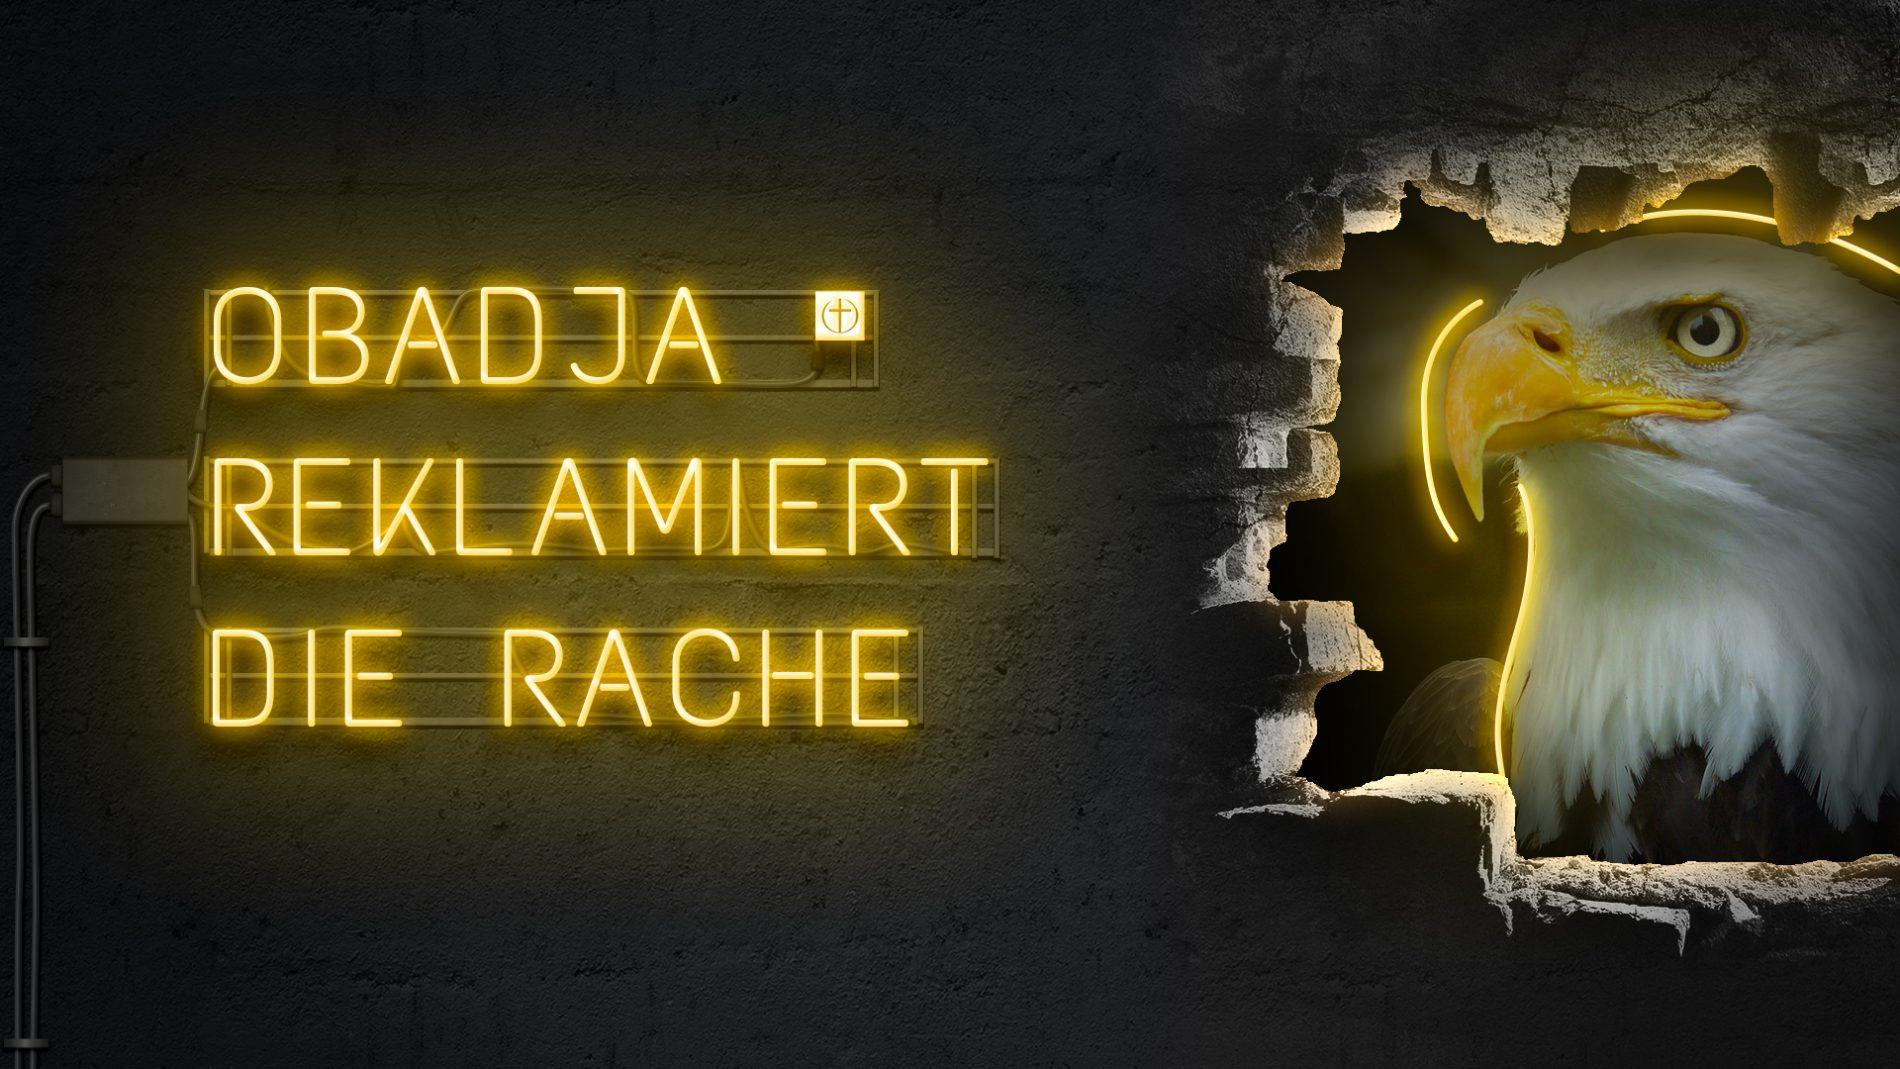 Obadja reklamiert die Rache (Zwölf Propheten IV)